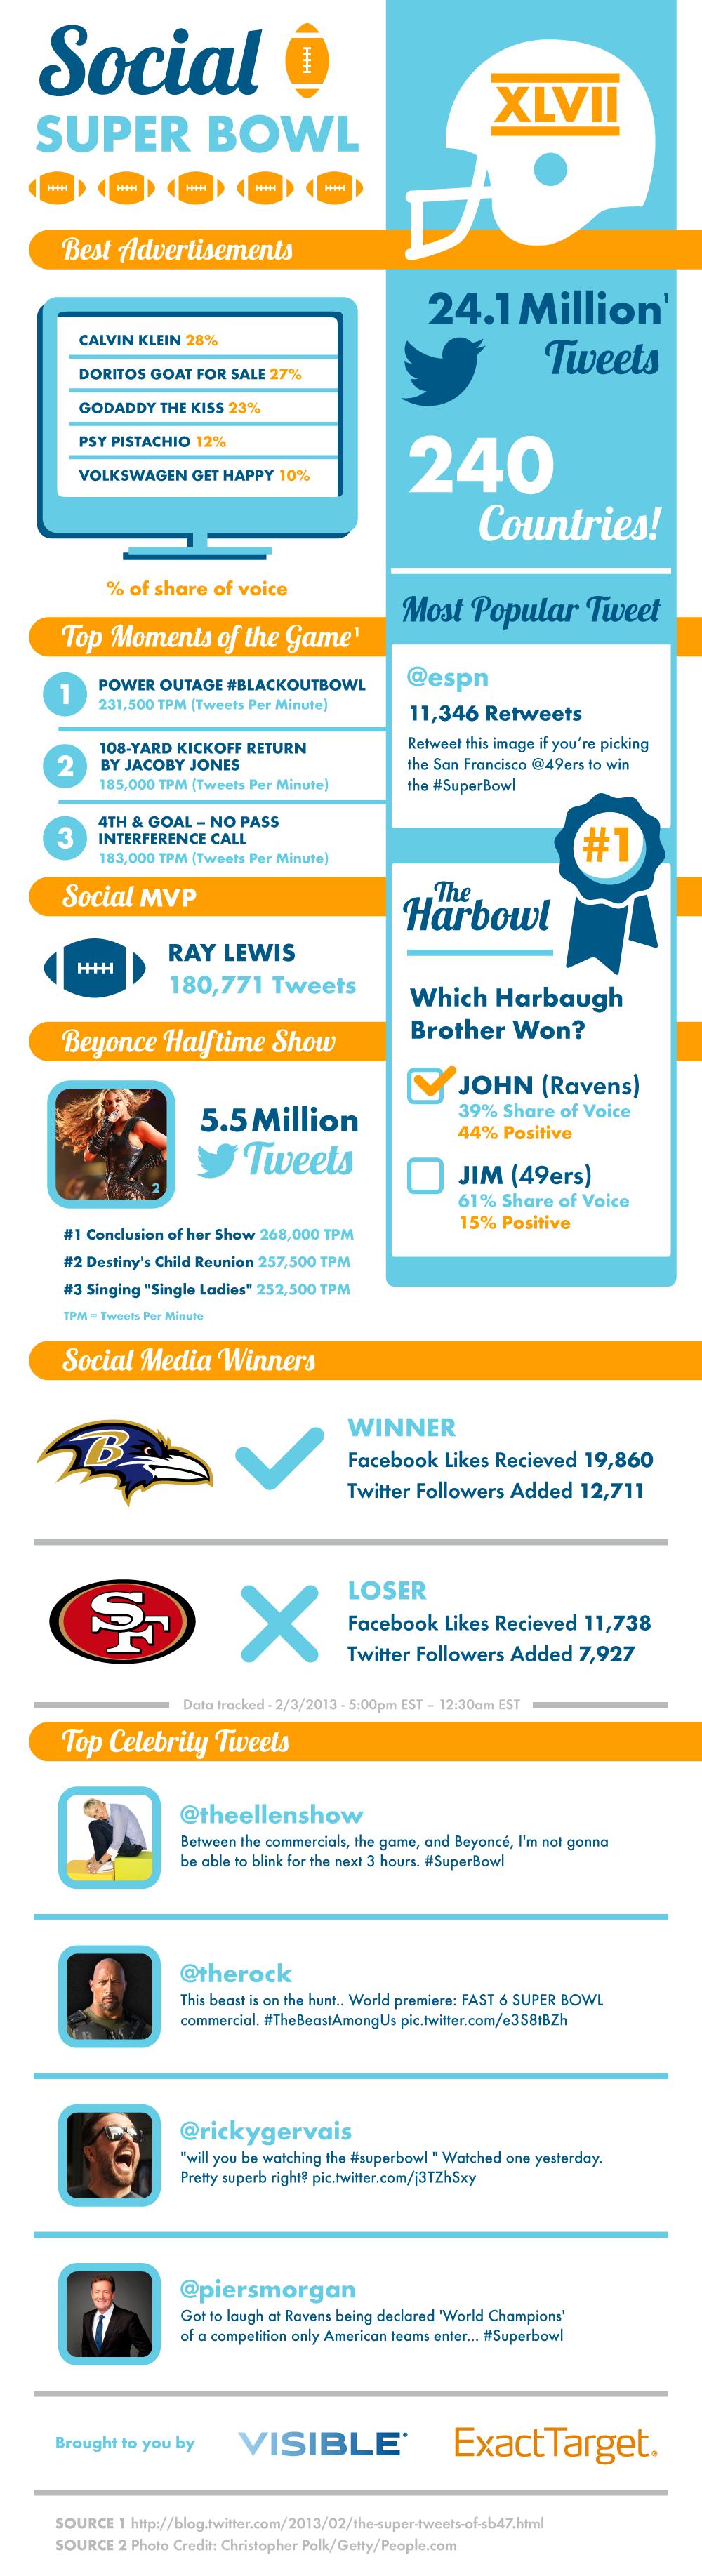 Social Super Bowl XLVII